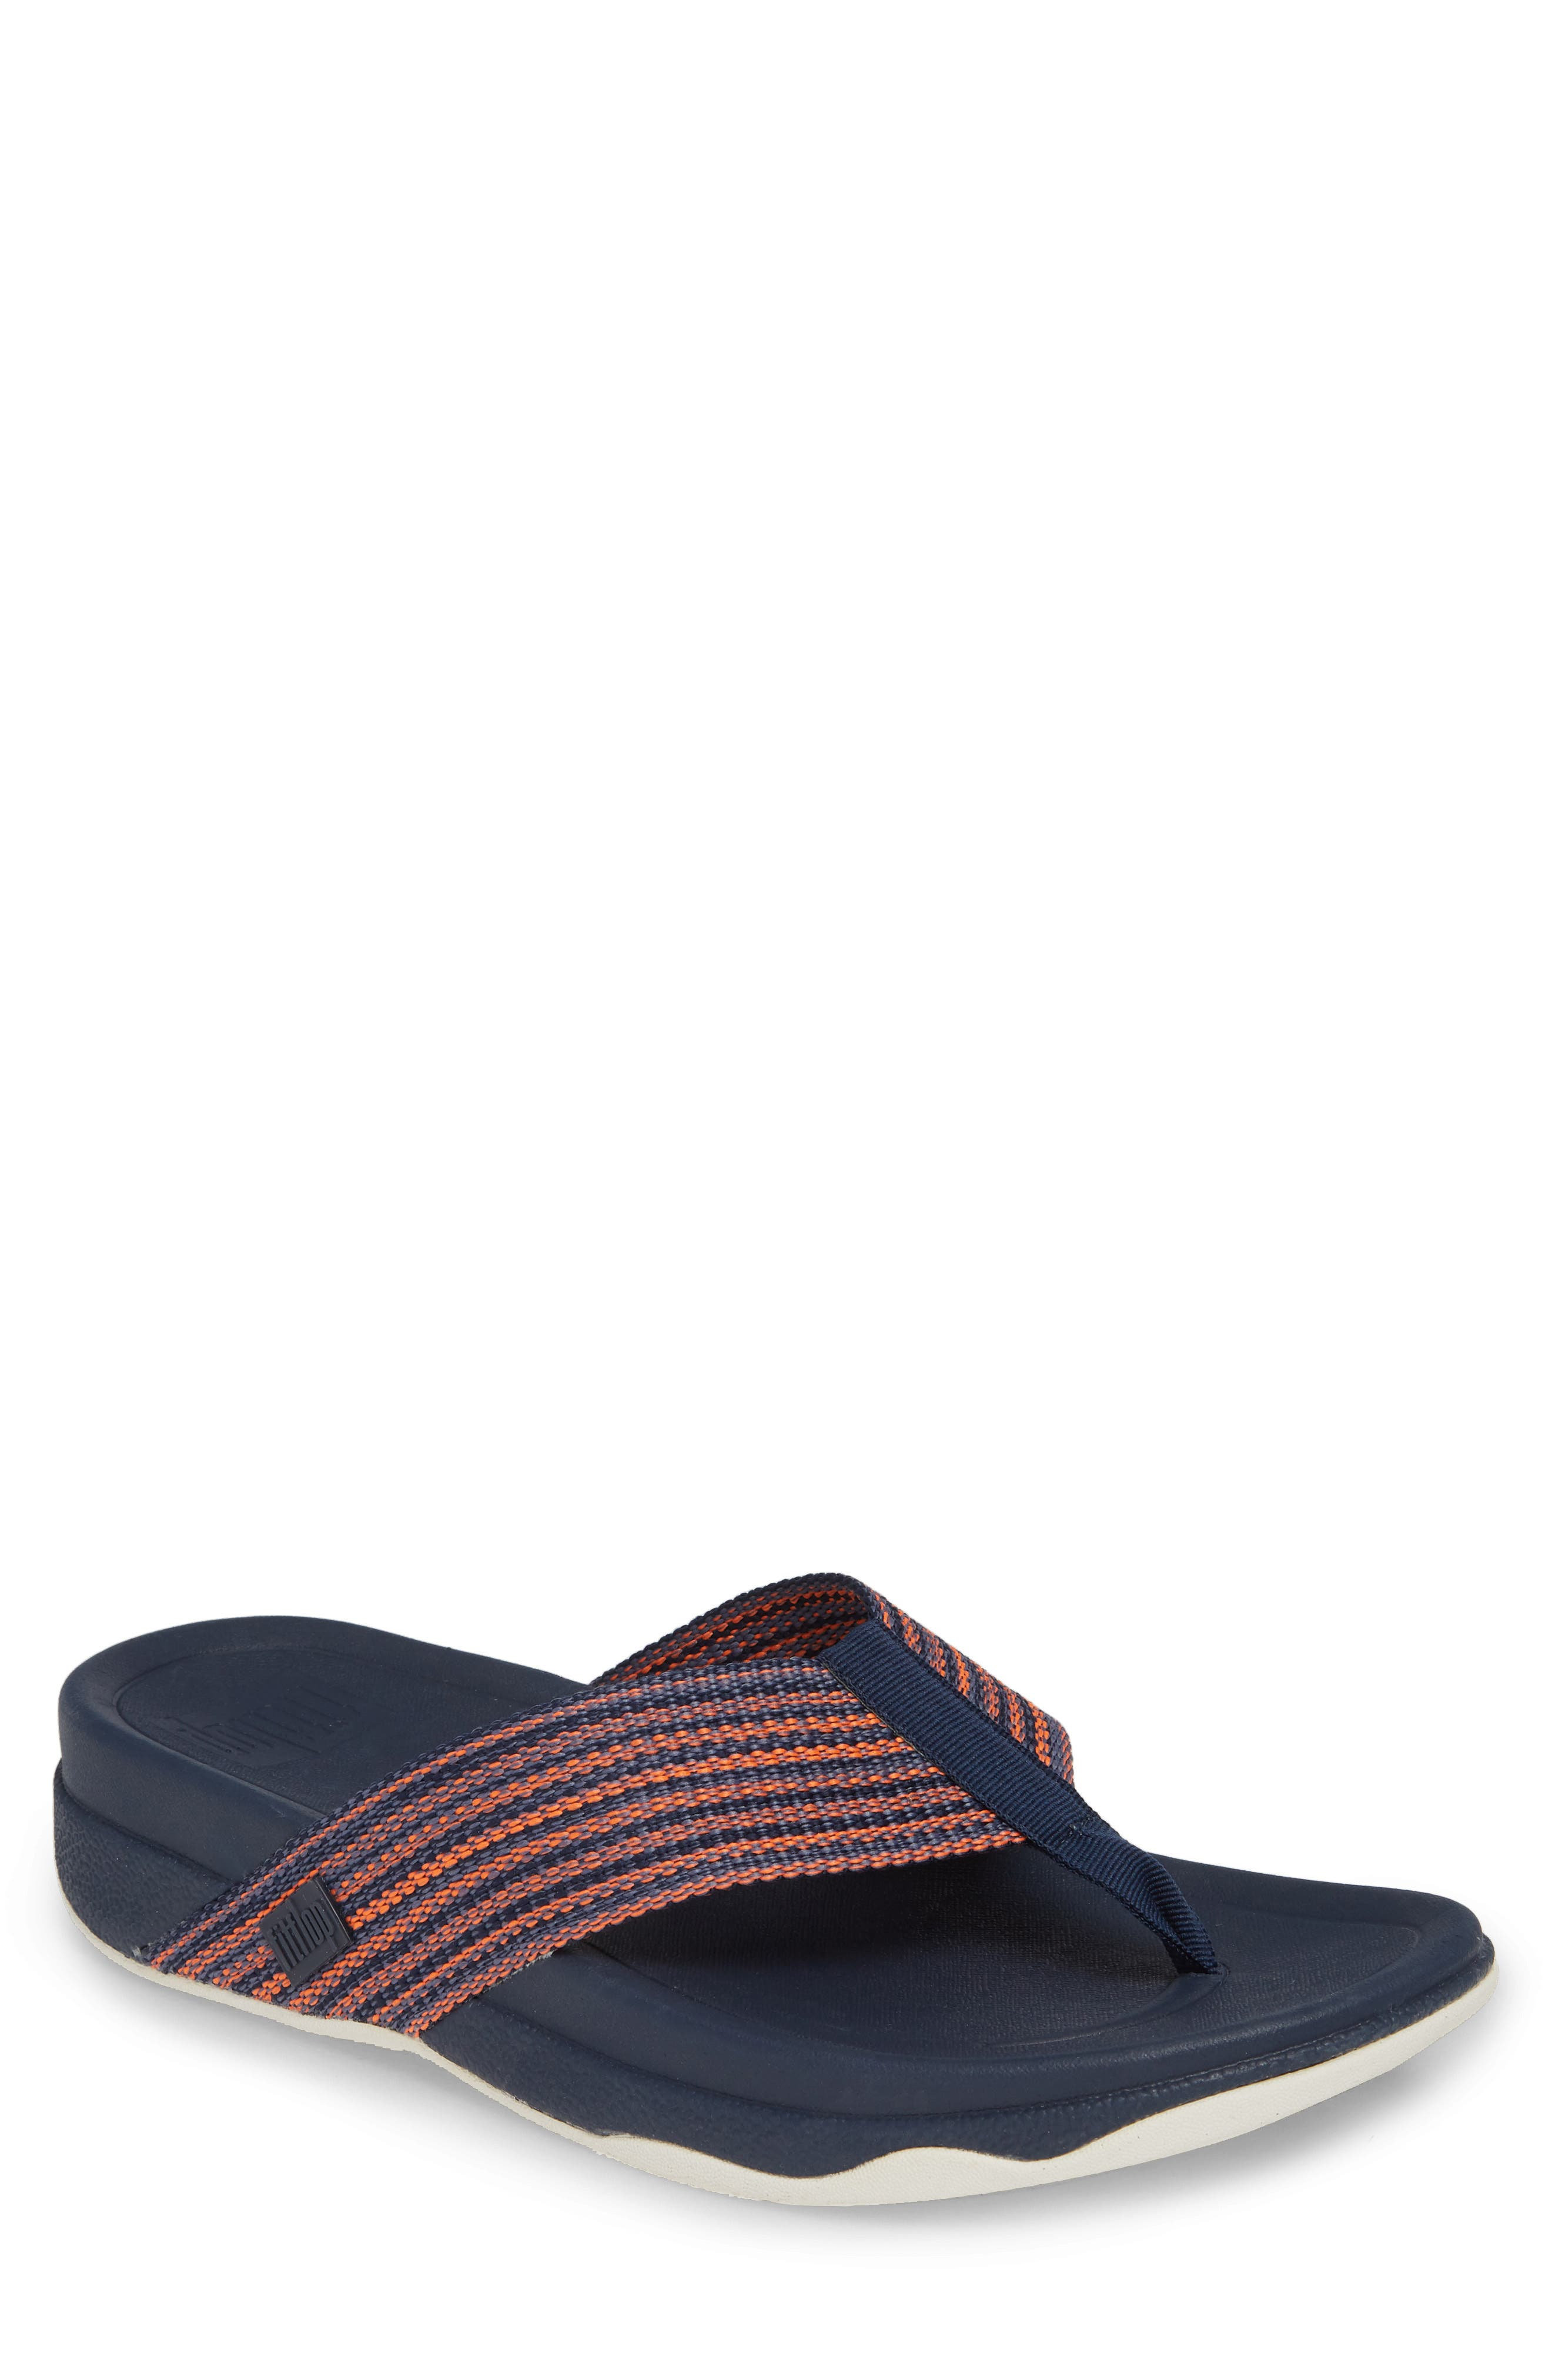 7ca1abcf8 Men s Fitflop Sandals